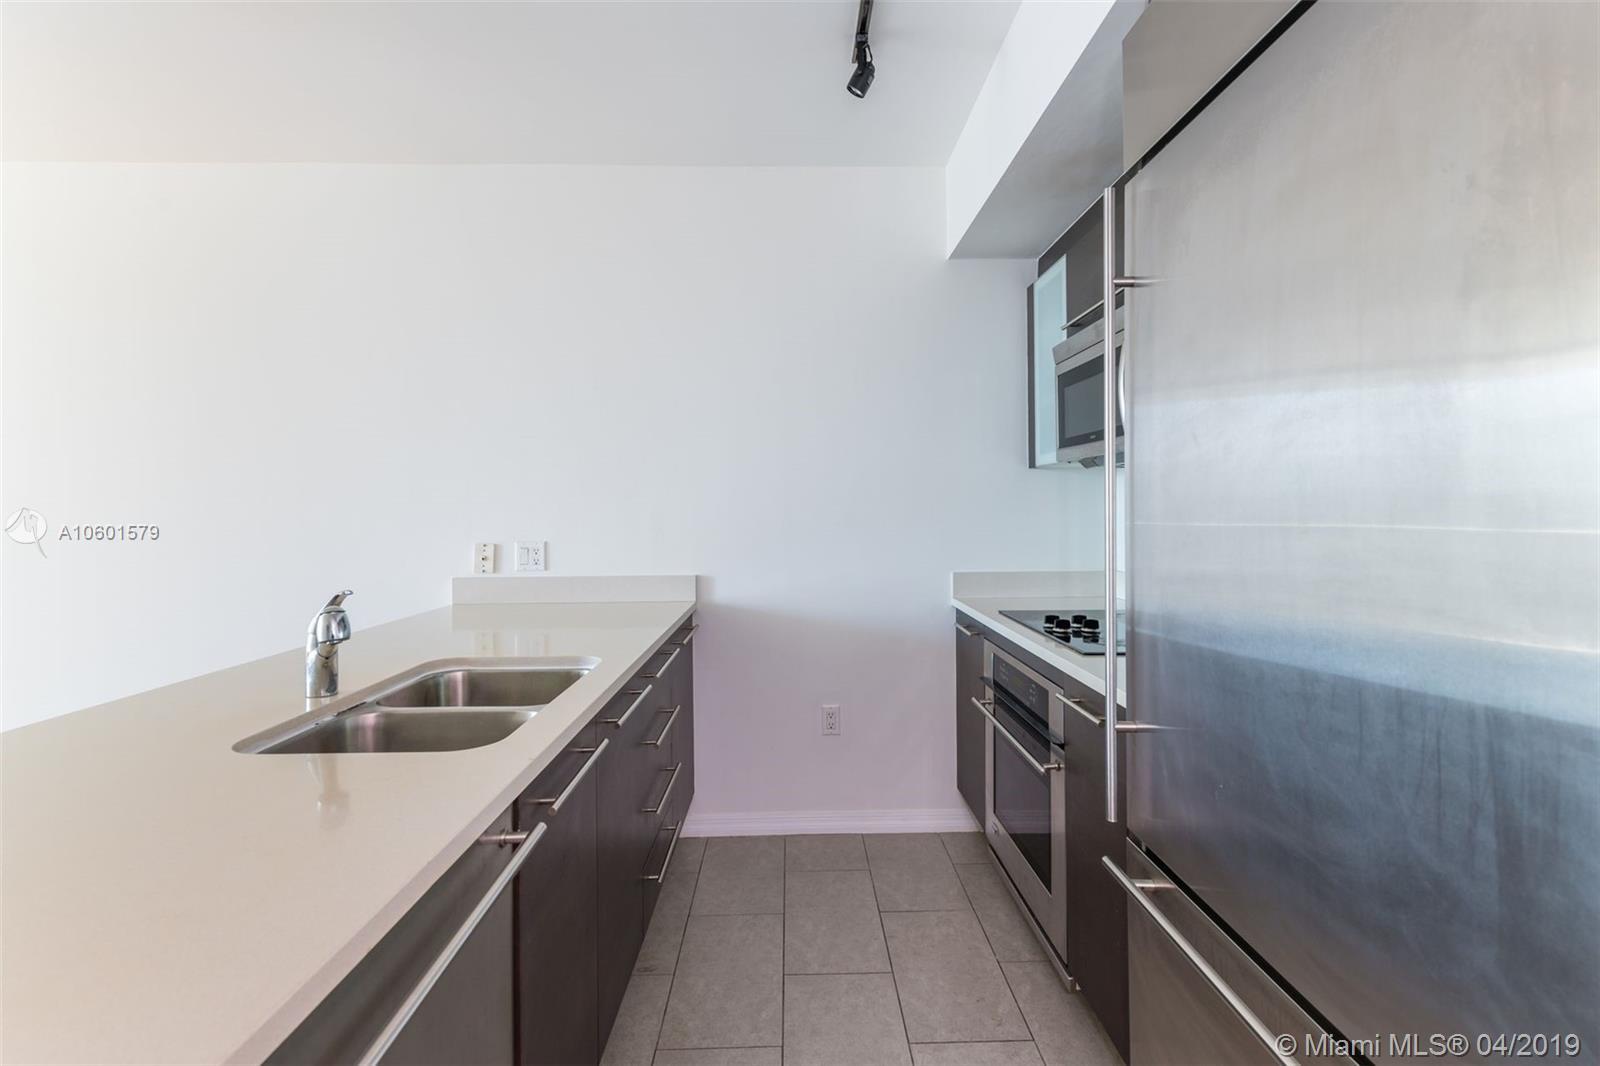 500 Brickell Avenue and 55 SE 6 Street, Miami, FL 33131, 500 Brickell #2704, Brickell, Miami A10601579 image #10